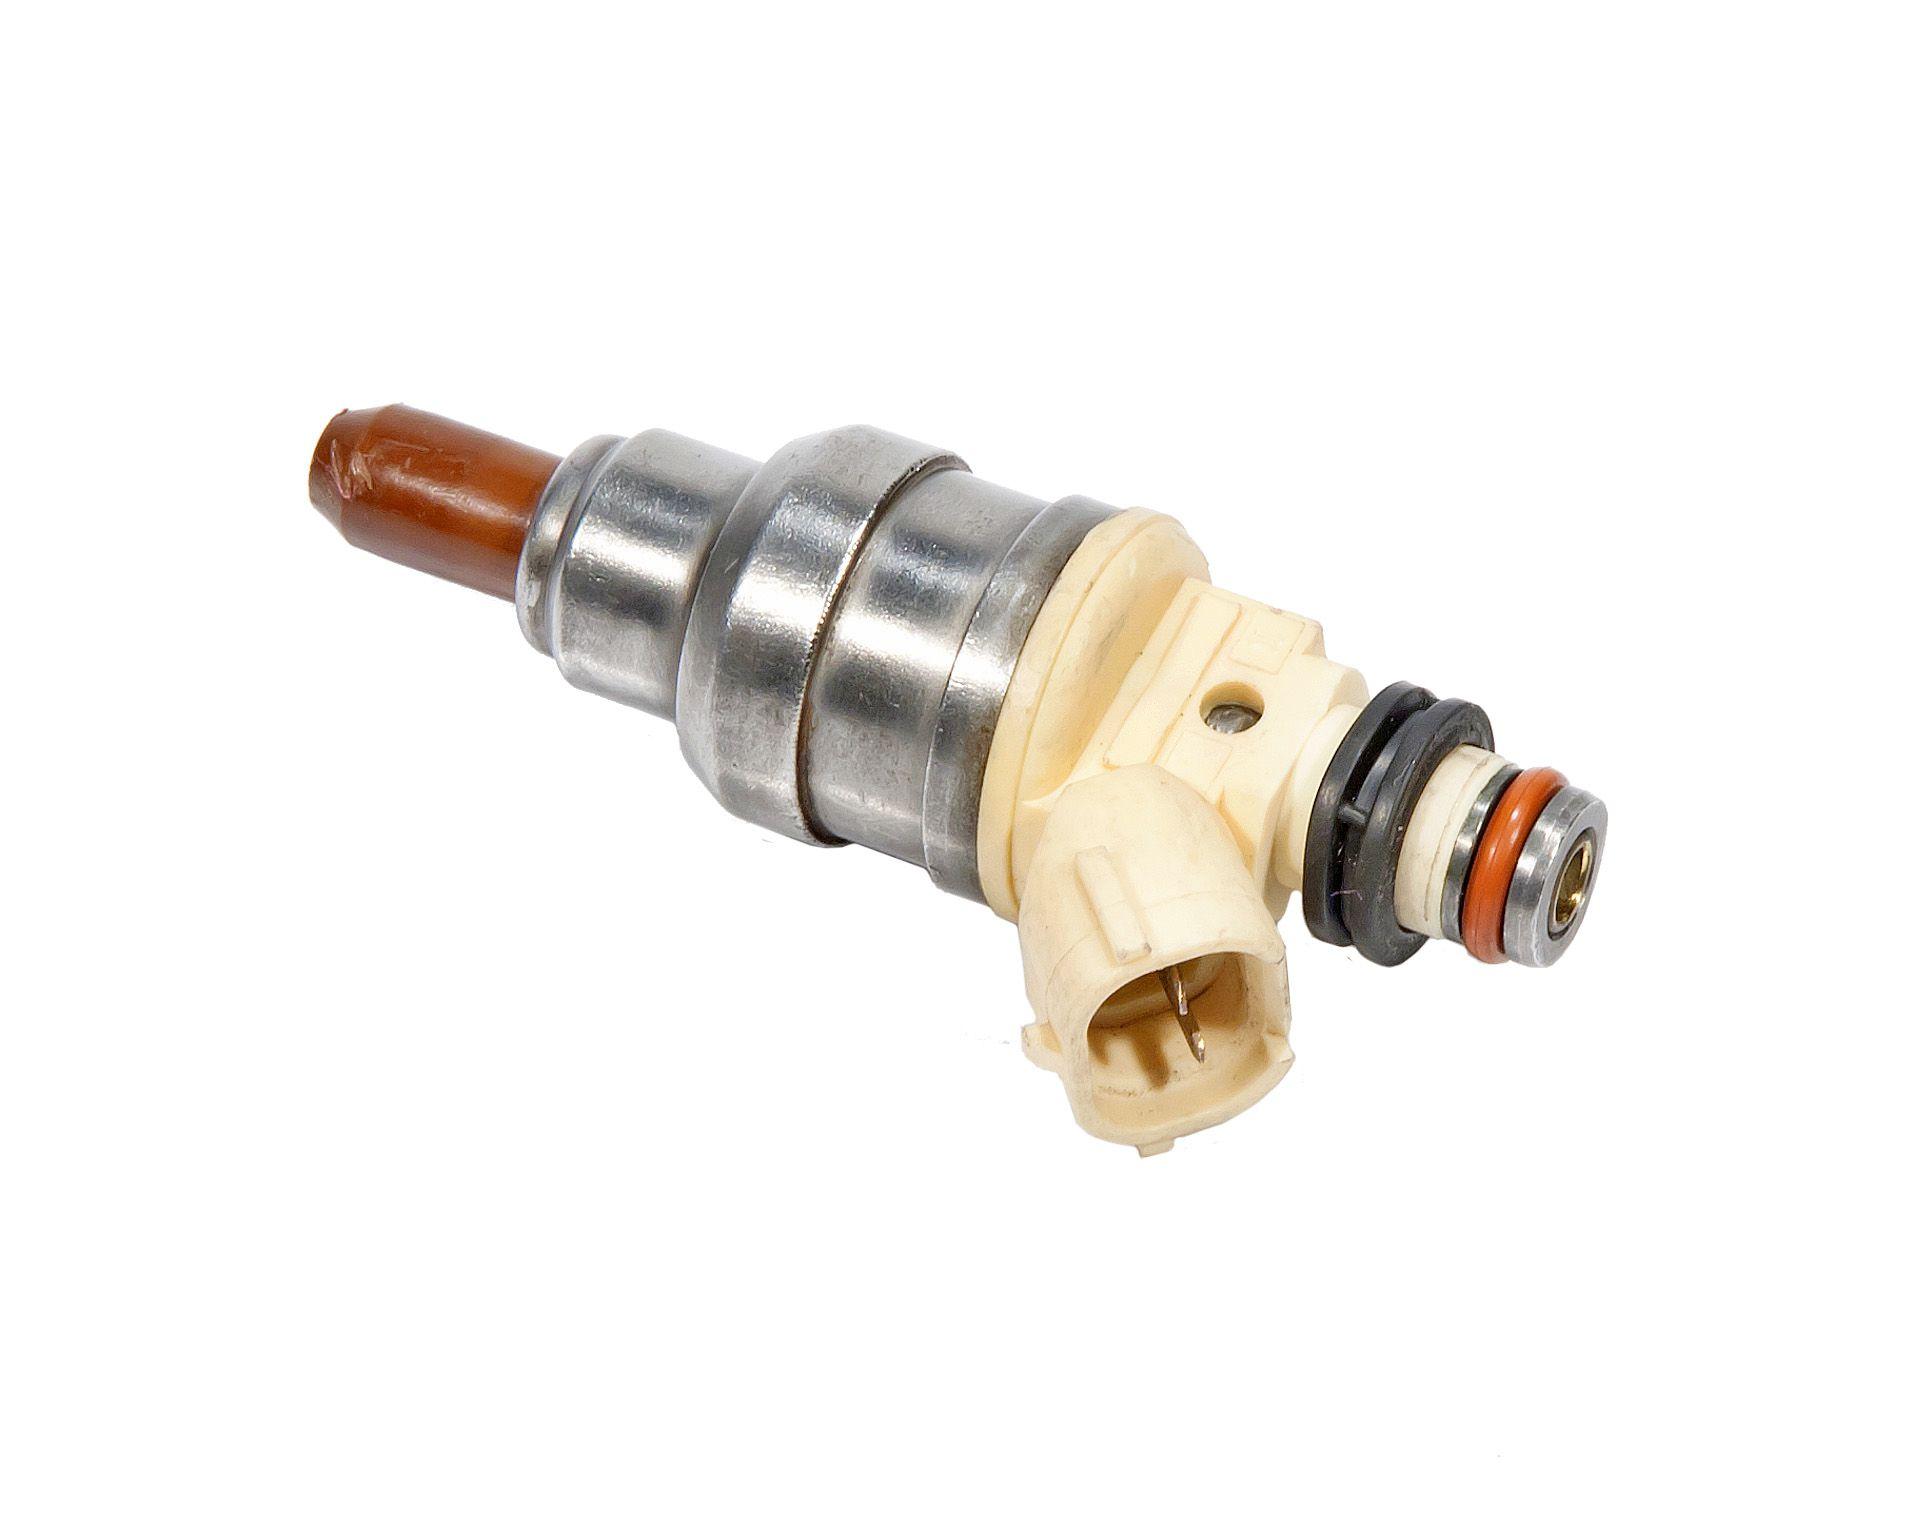 Bico Injetor - Suzuki Vitara - 1.6 16V - 94/98 - NºINP470